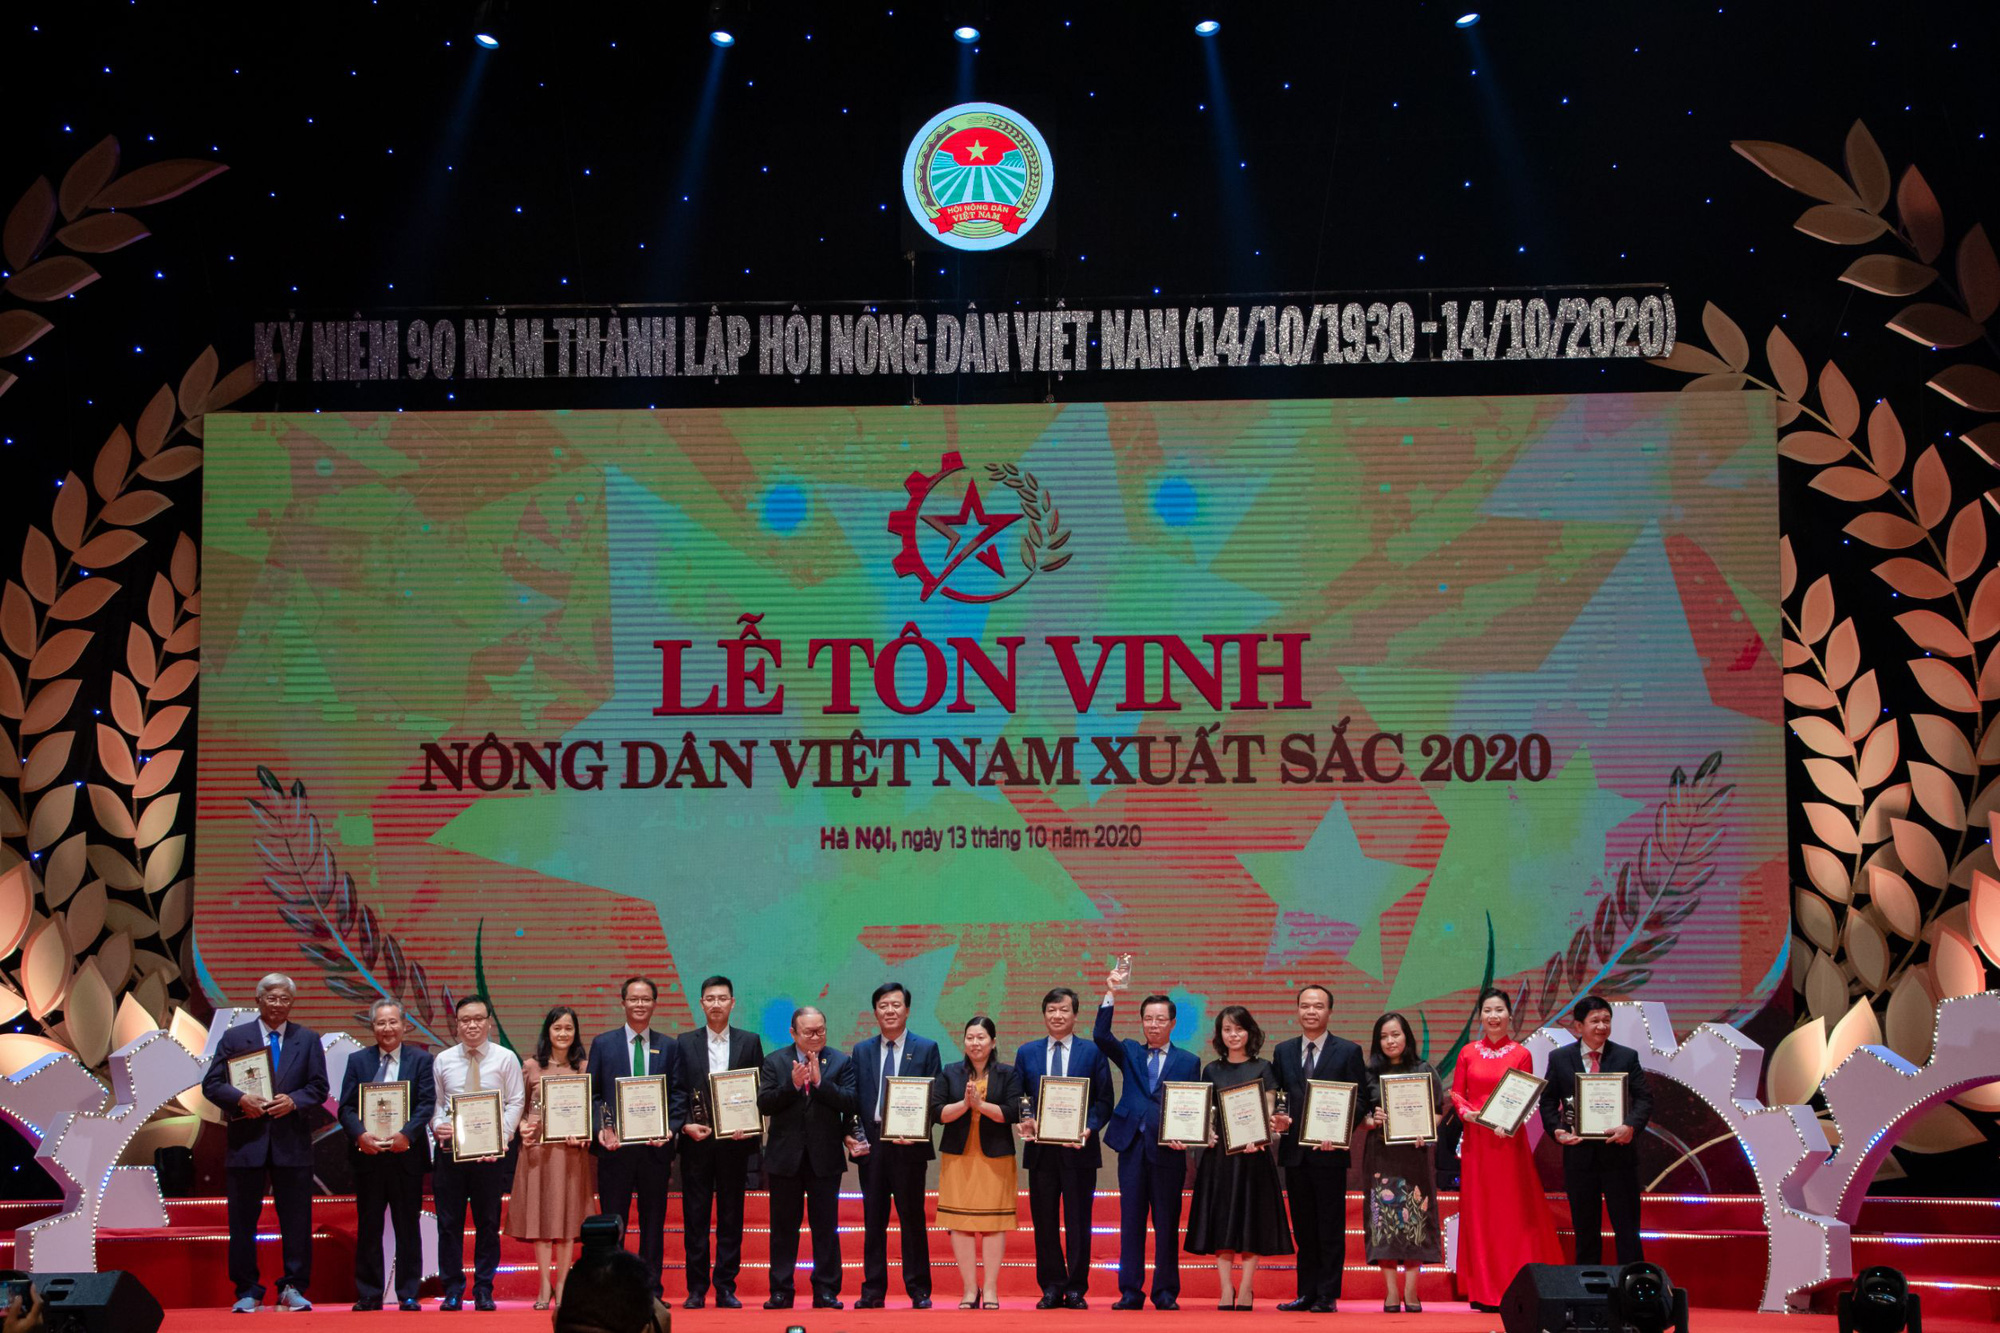 """C.P. Việt Nam nhận danh hiệu """"Doanh nghiệp đồng hành cùng nhà nông"""" - Ảnh 2."""